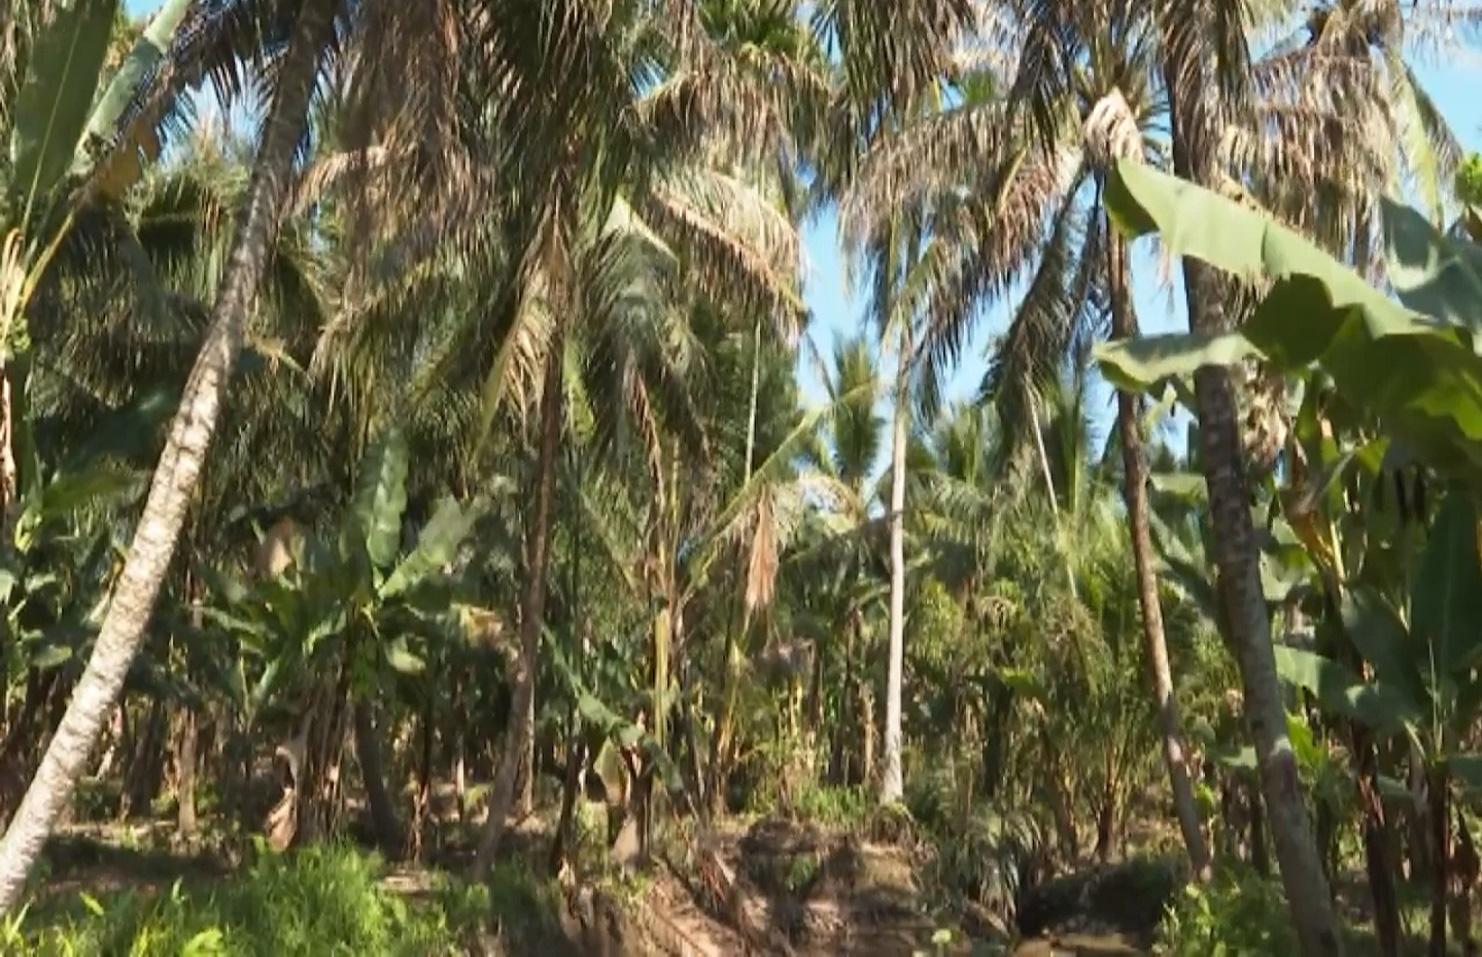 Bến Tre: Sâu đầu đen bùng phát gây hại trên cây dừa, nhiều bà con mất nguồn thu nhập - Ảnh 5.